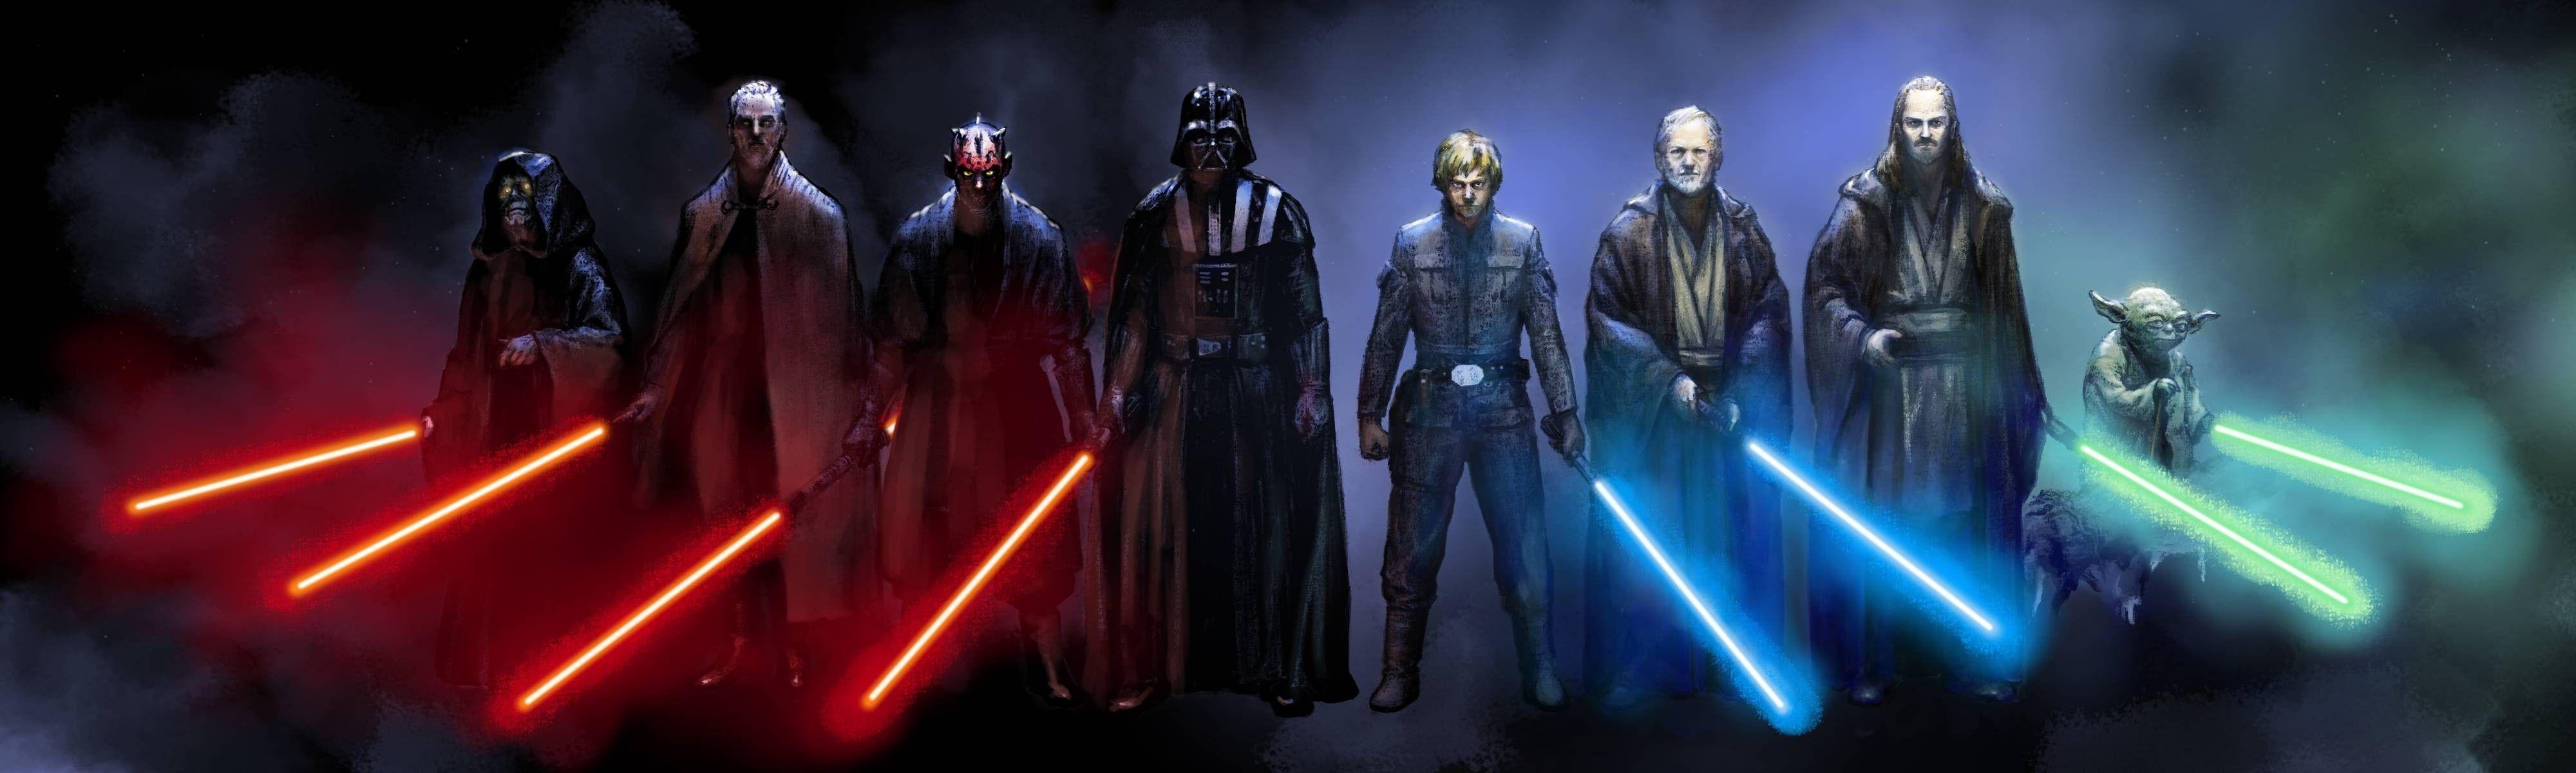 Triple Monitor Star Wars Wallpaper WallpaperSafari